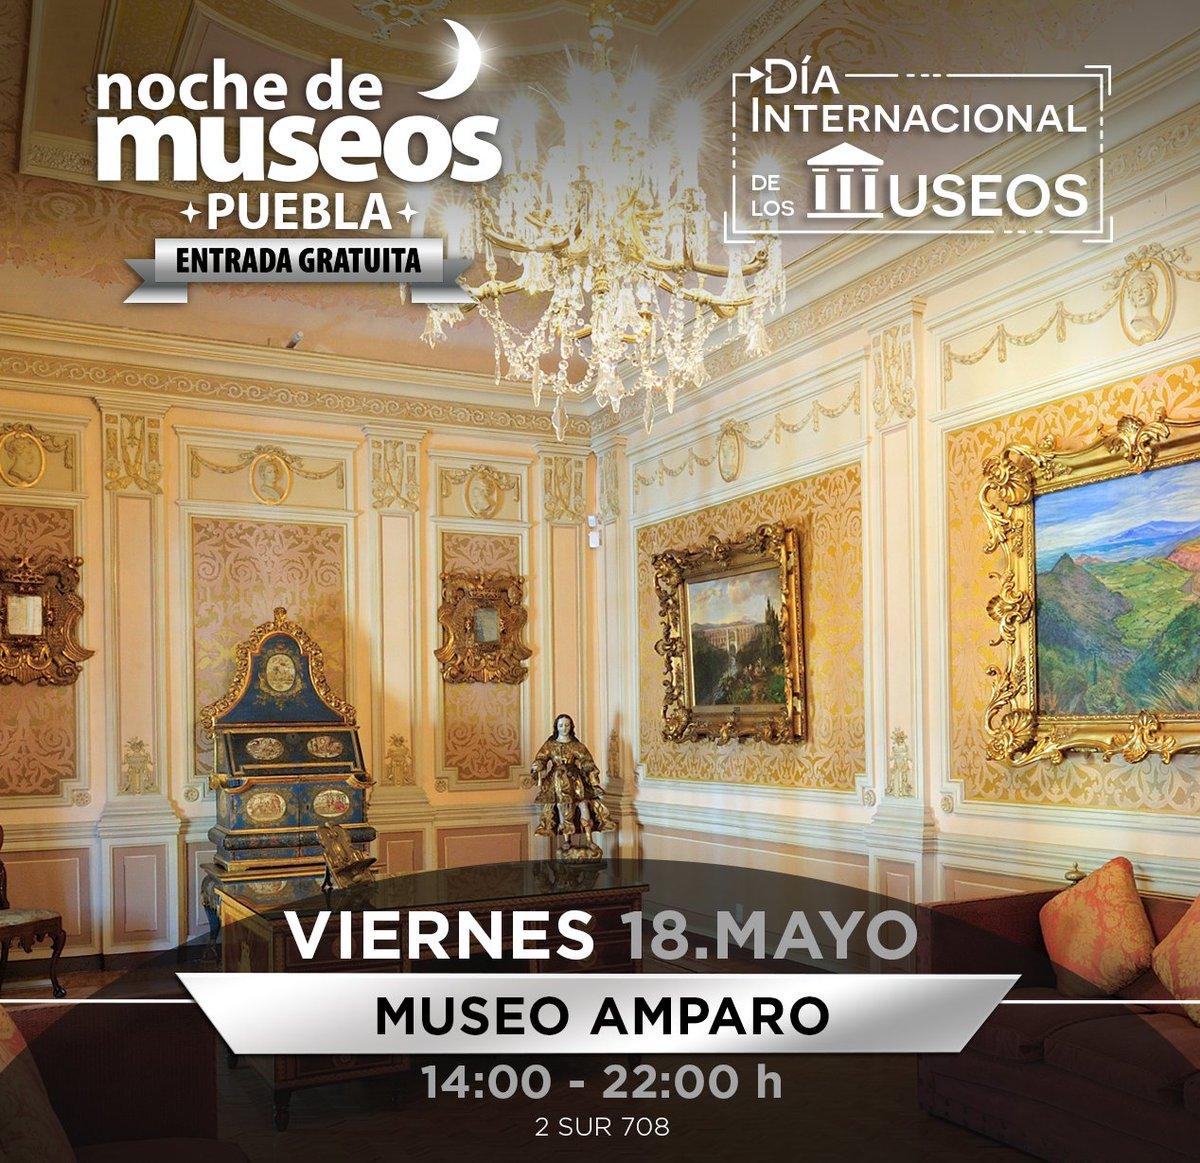 Ayuntamiento De Puebla S Tweet Después De Visitar El